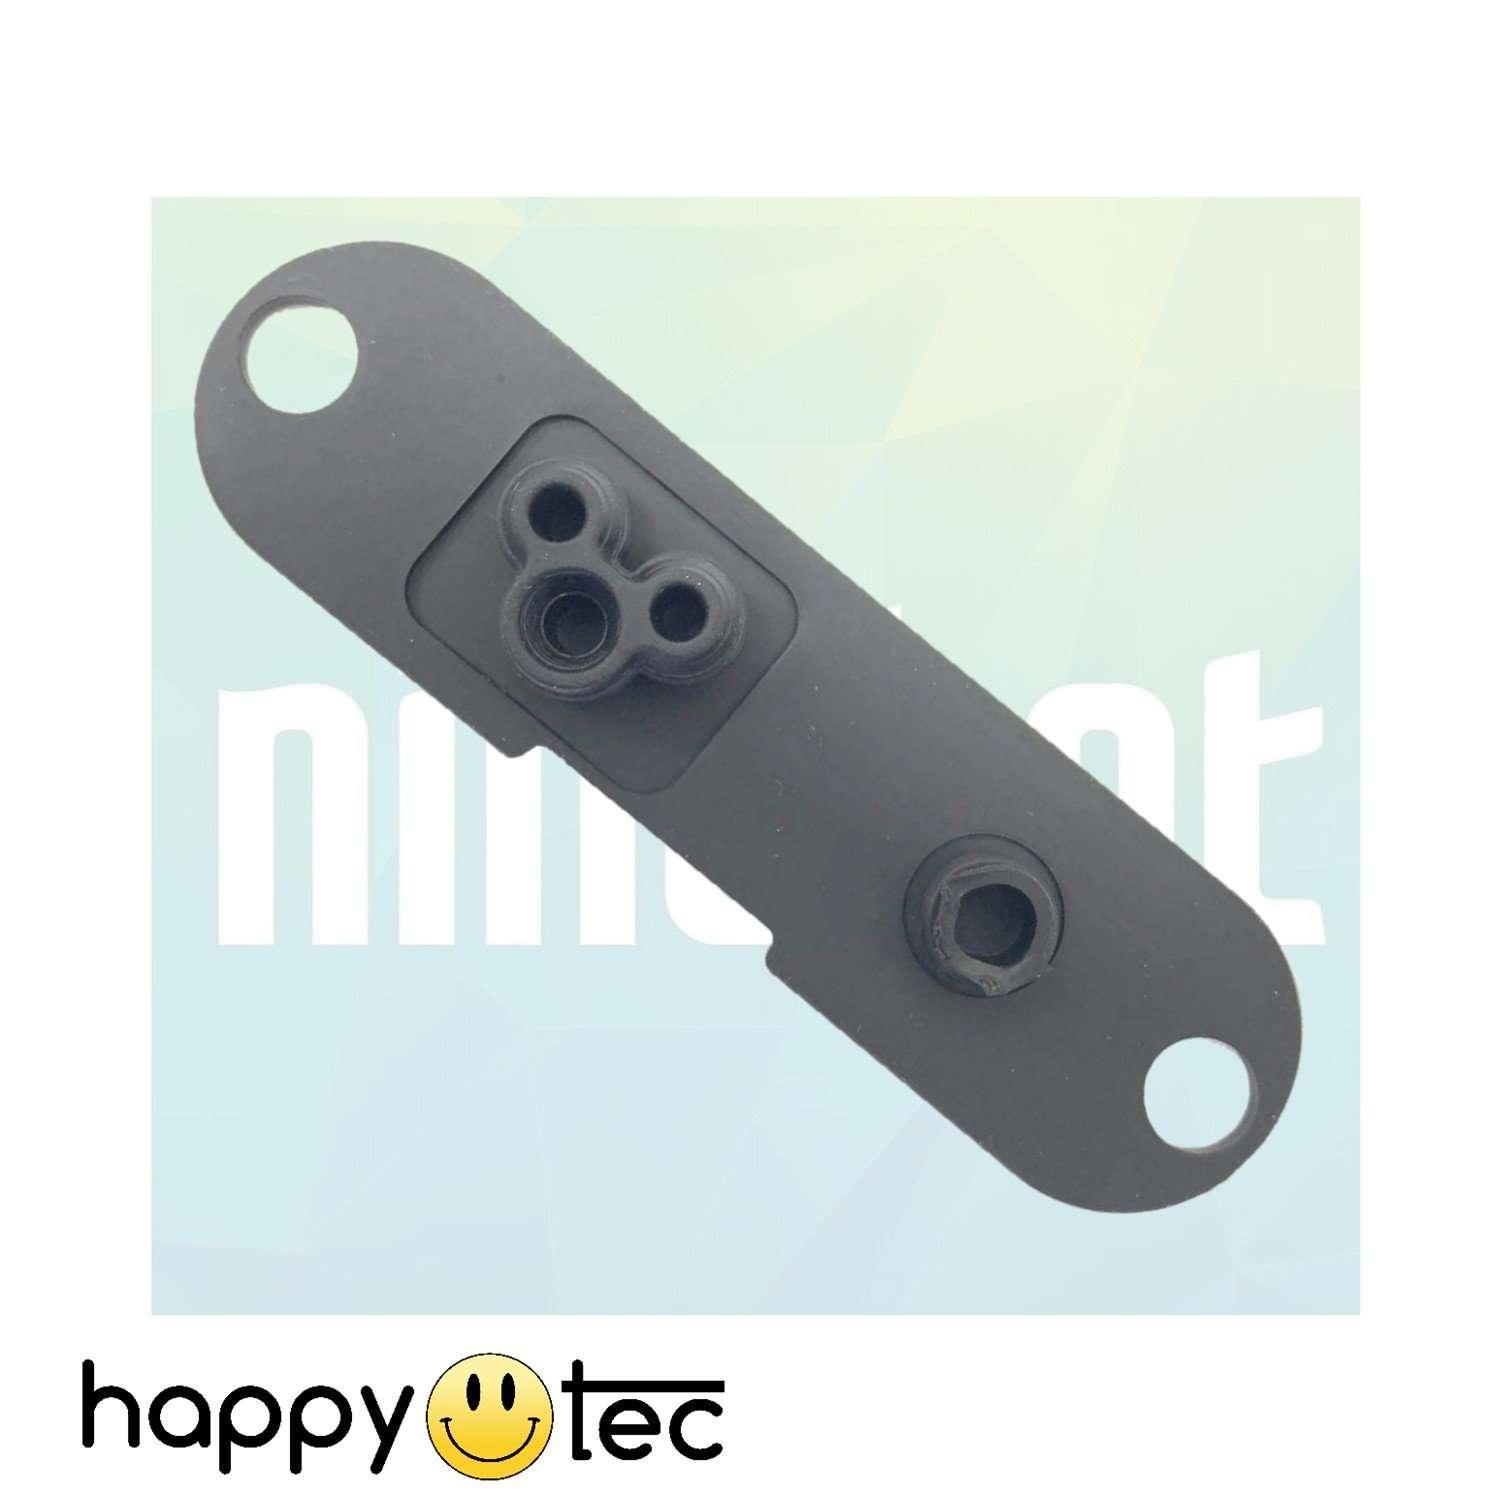 Tappo in gomma porta di ricarica per Ninebot G30